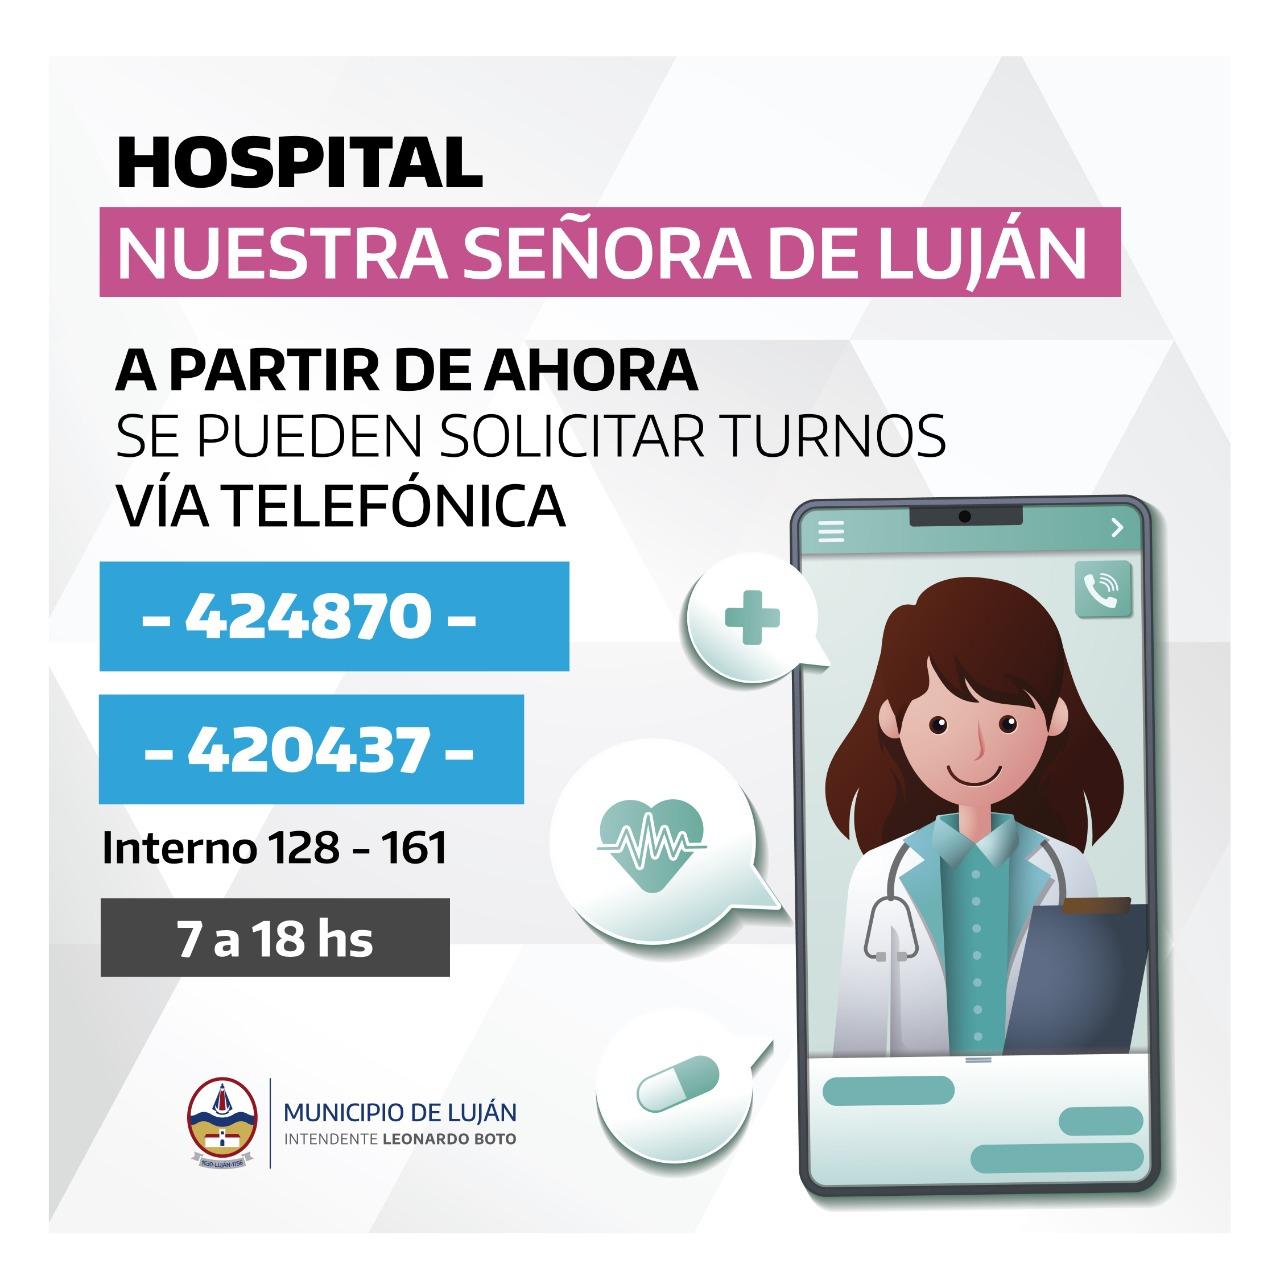 Hospital: ya se pueden sacar turnos vía telefónica - [Noticias de Luján] -  Bisemanario El Civismo